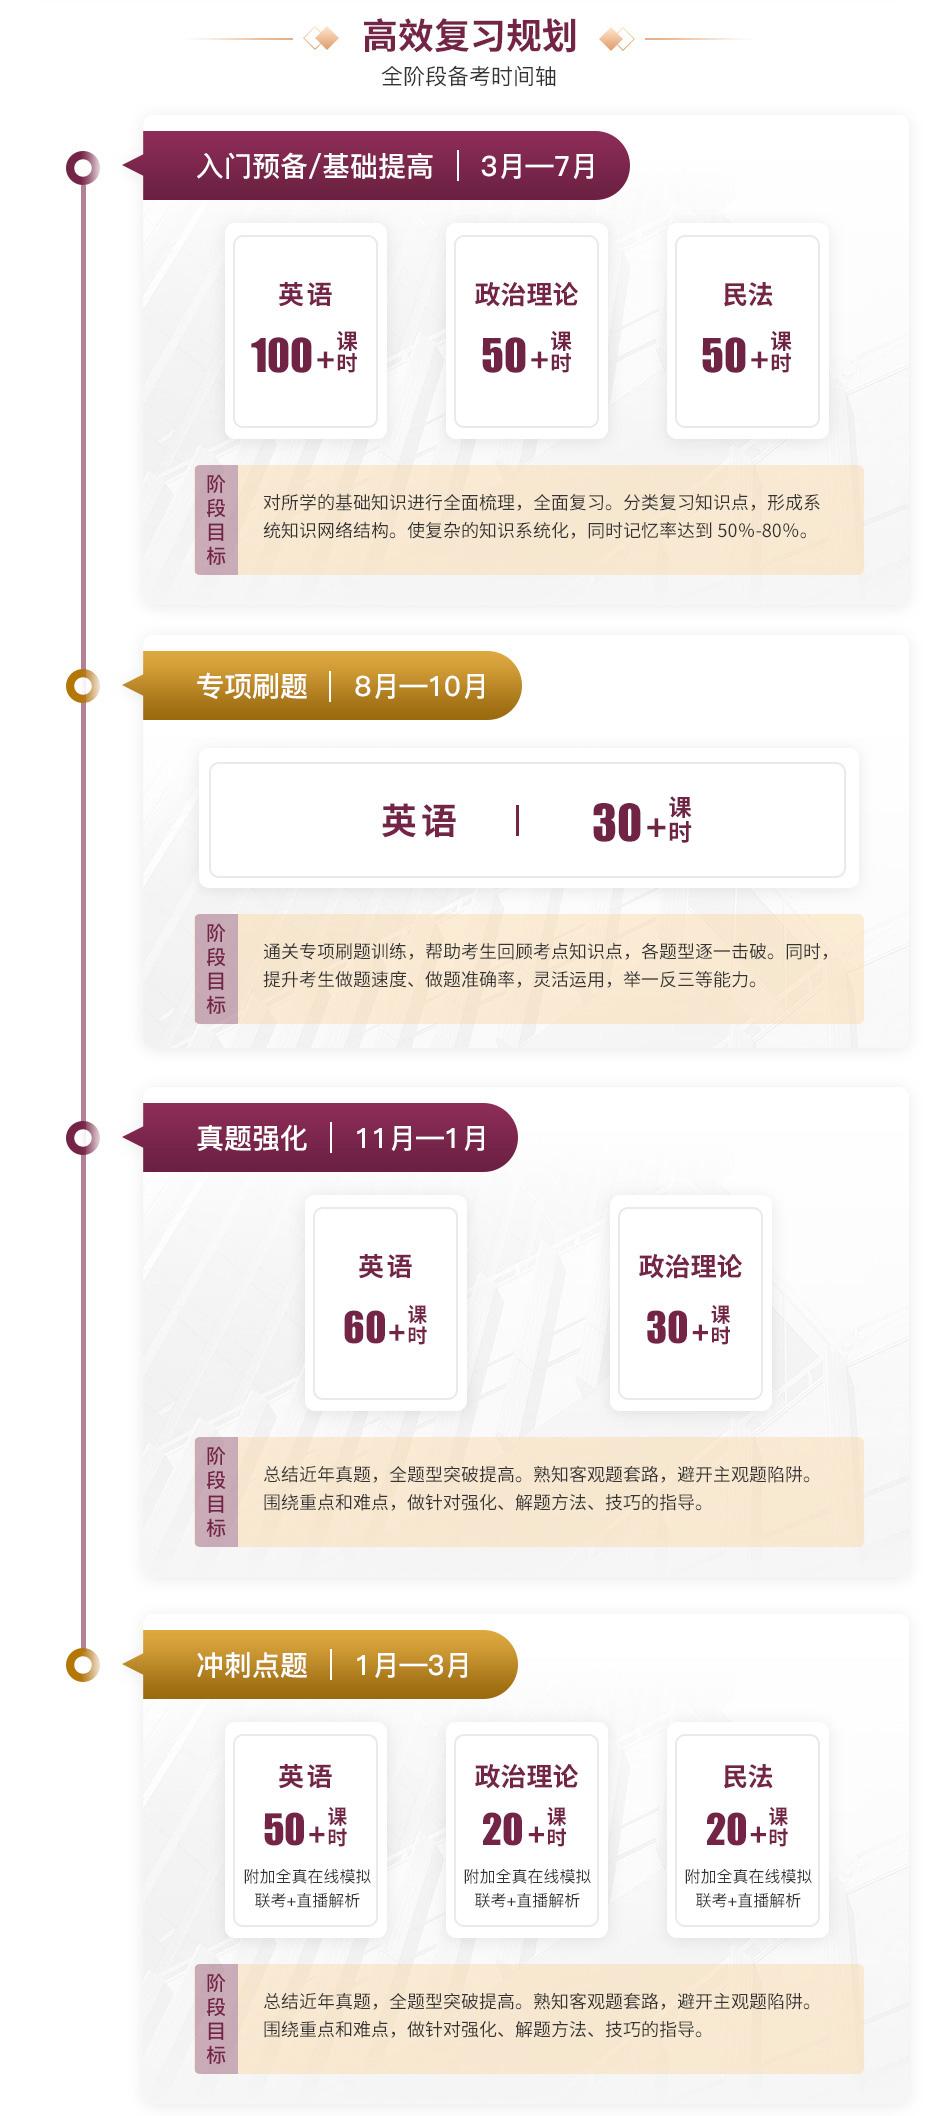 广东-民法.jpg